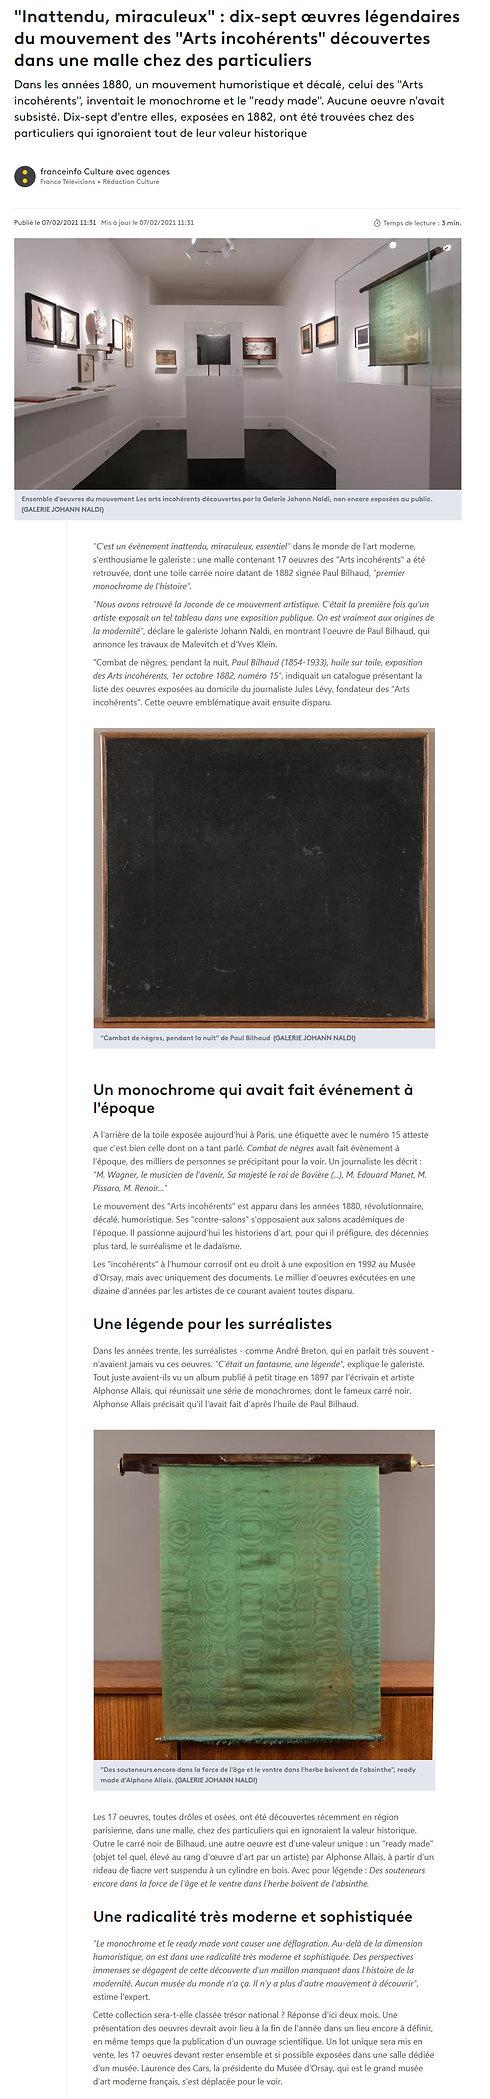 Franceinfo culture. Dix-sept oeuvres légendaires du mouvement des Arts incohérents découvertes dans une malle chez des particuliers. Parmi ces oeuvres : le premier monochrome de l'histoire et un ready-made d'Alphone Allais.